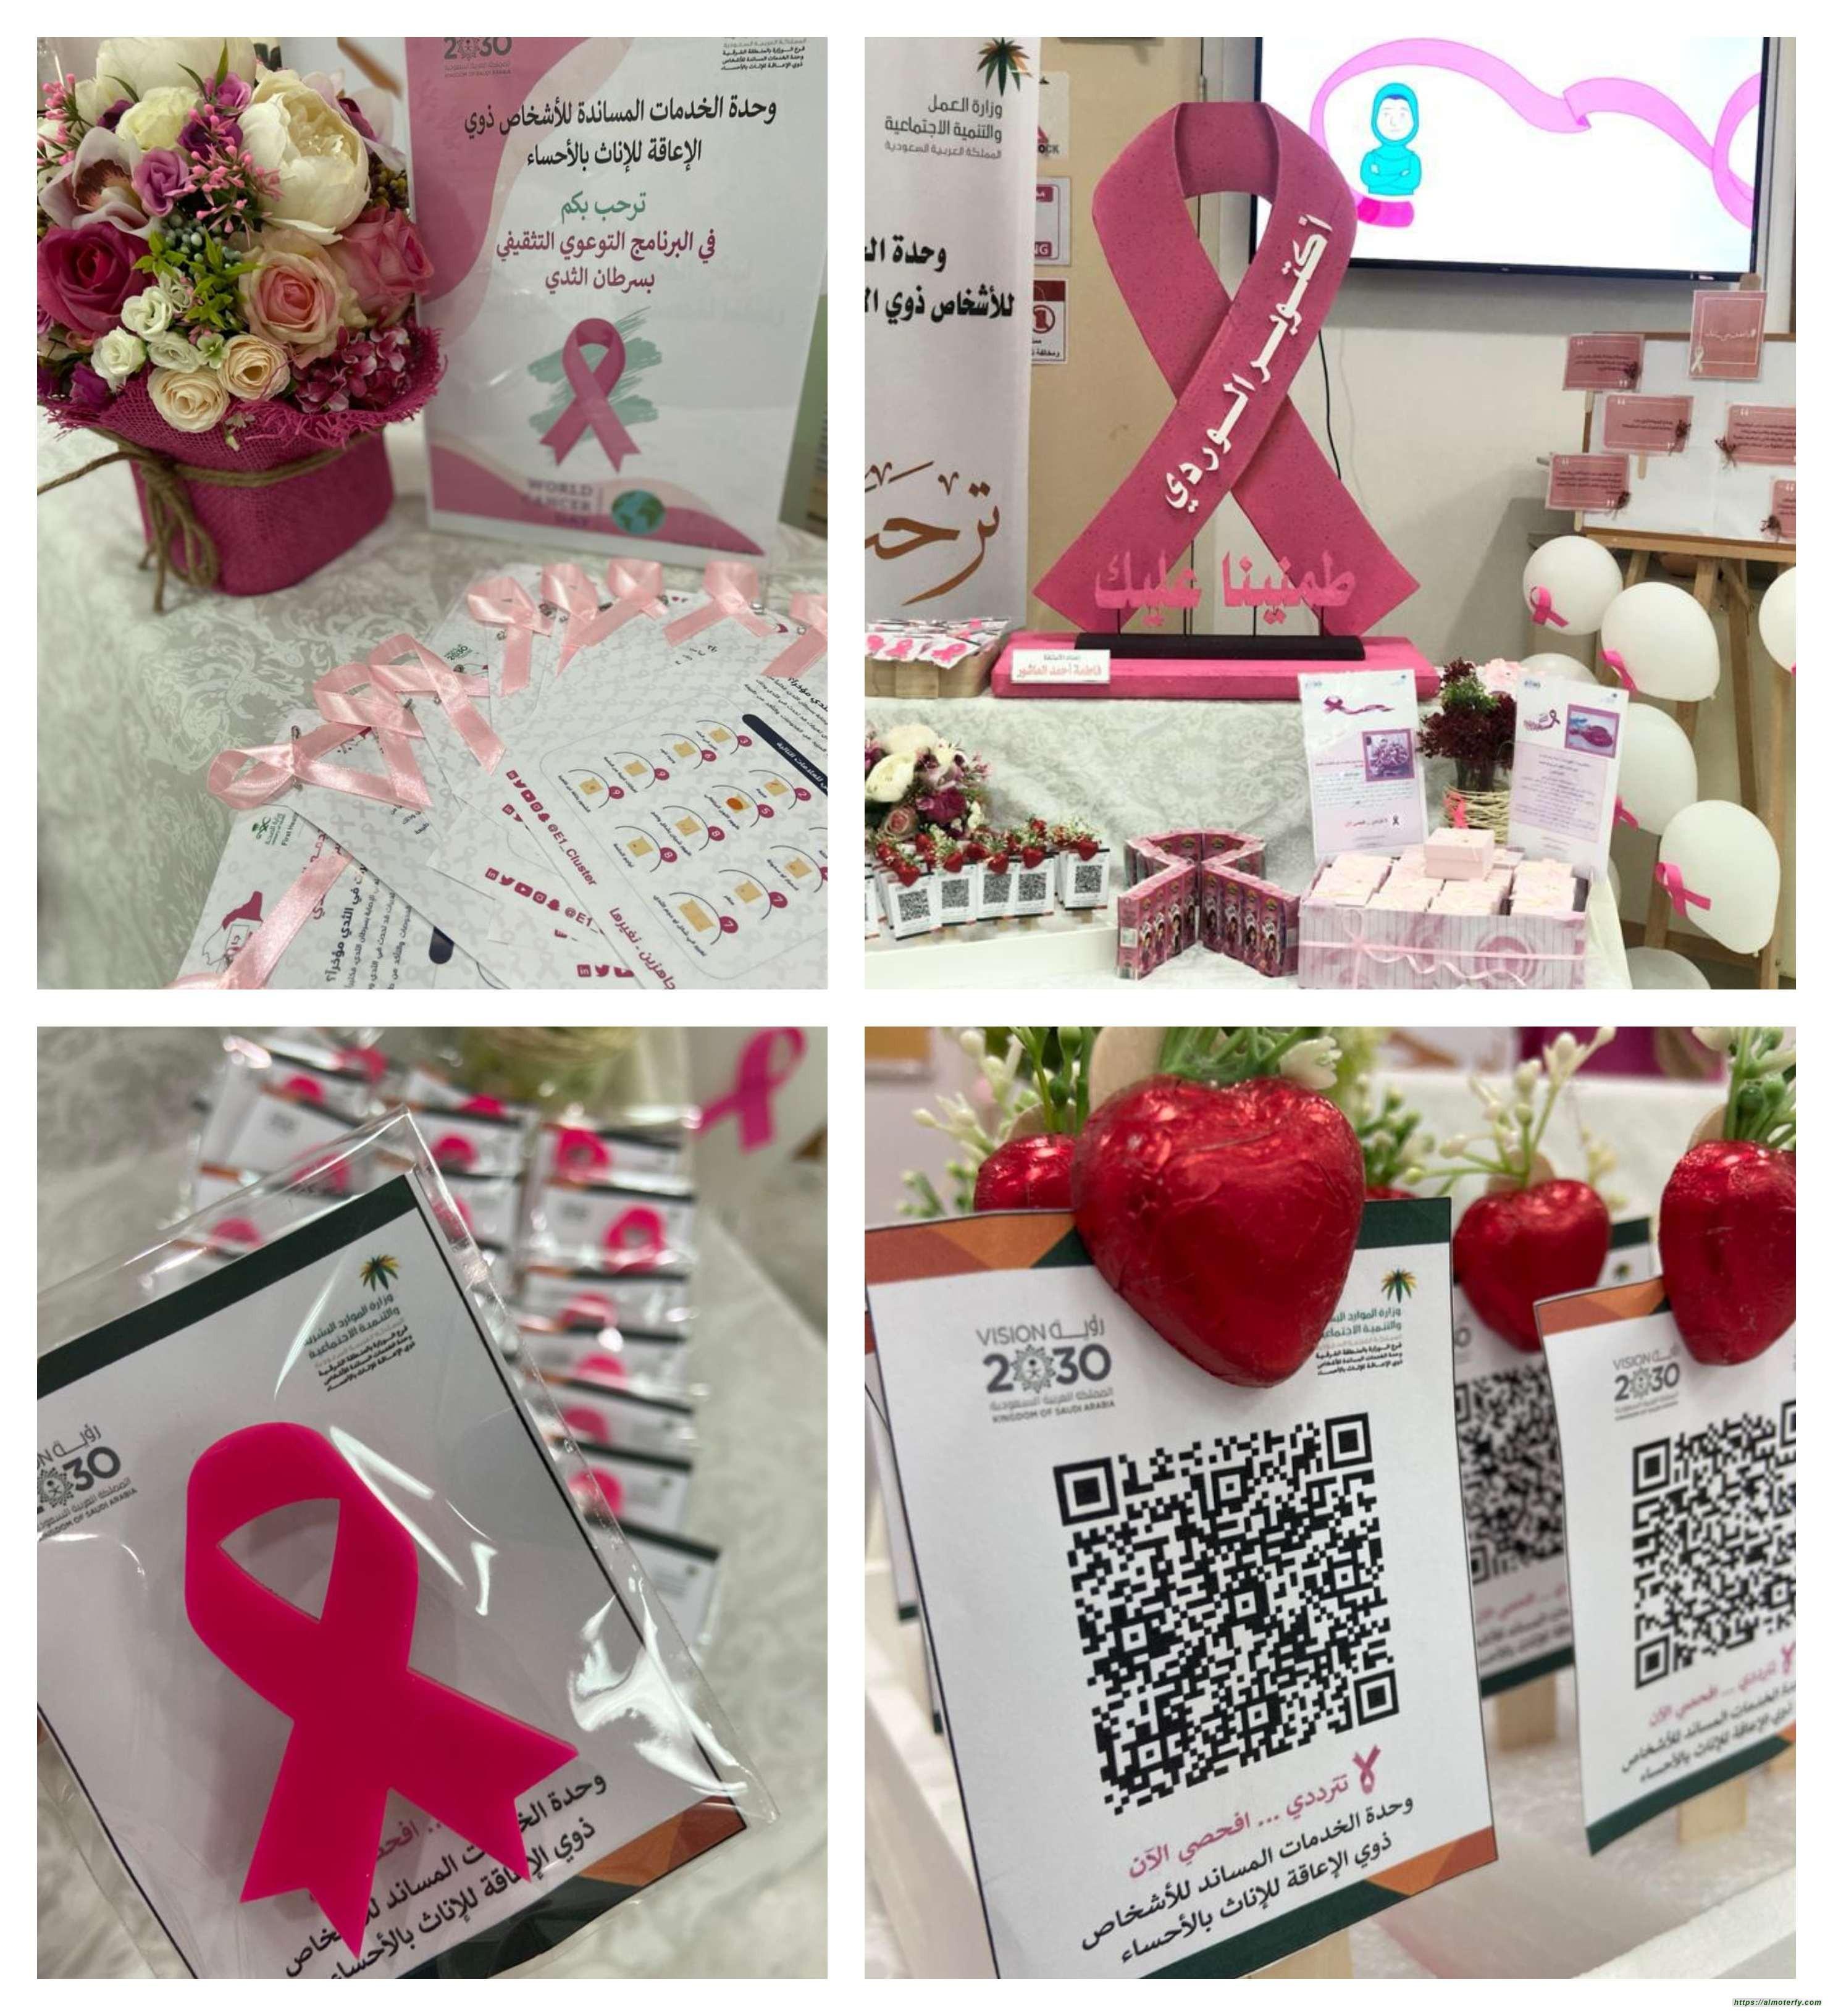 برنامج للتثقيف والتوعية بسرطان الثدي  في الخدمات المساندة للإناث بالأحساء